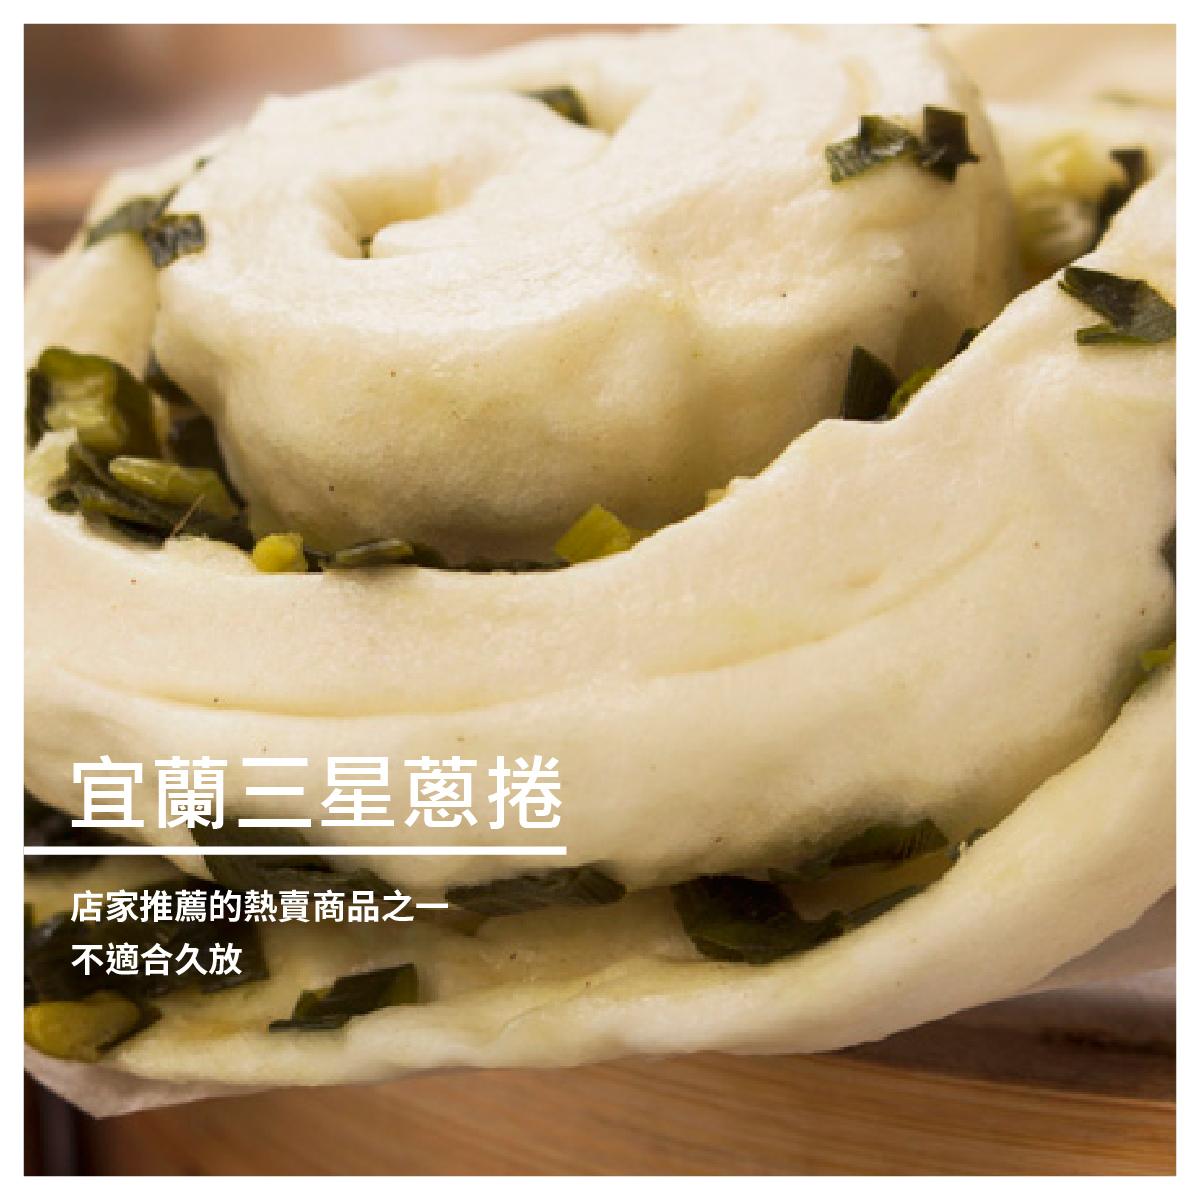 【永豐盛包子饅頭專賣店】宜蘭三星蔥捲/10顆